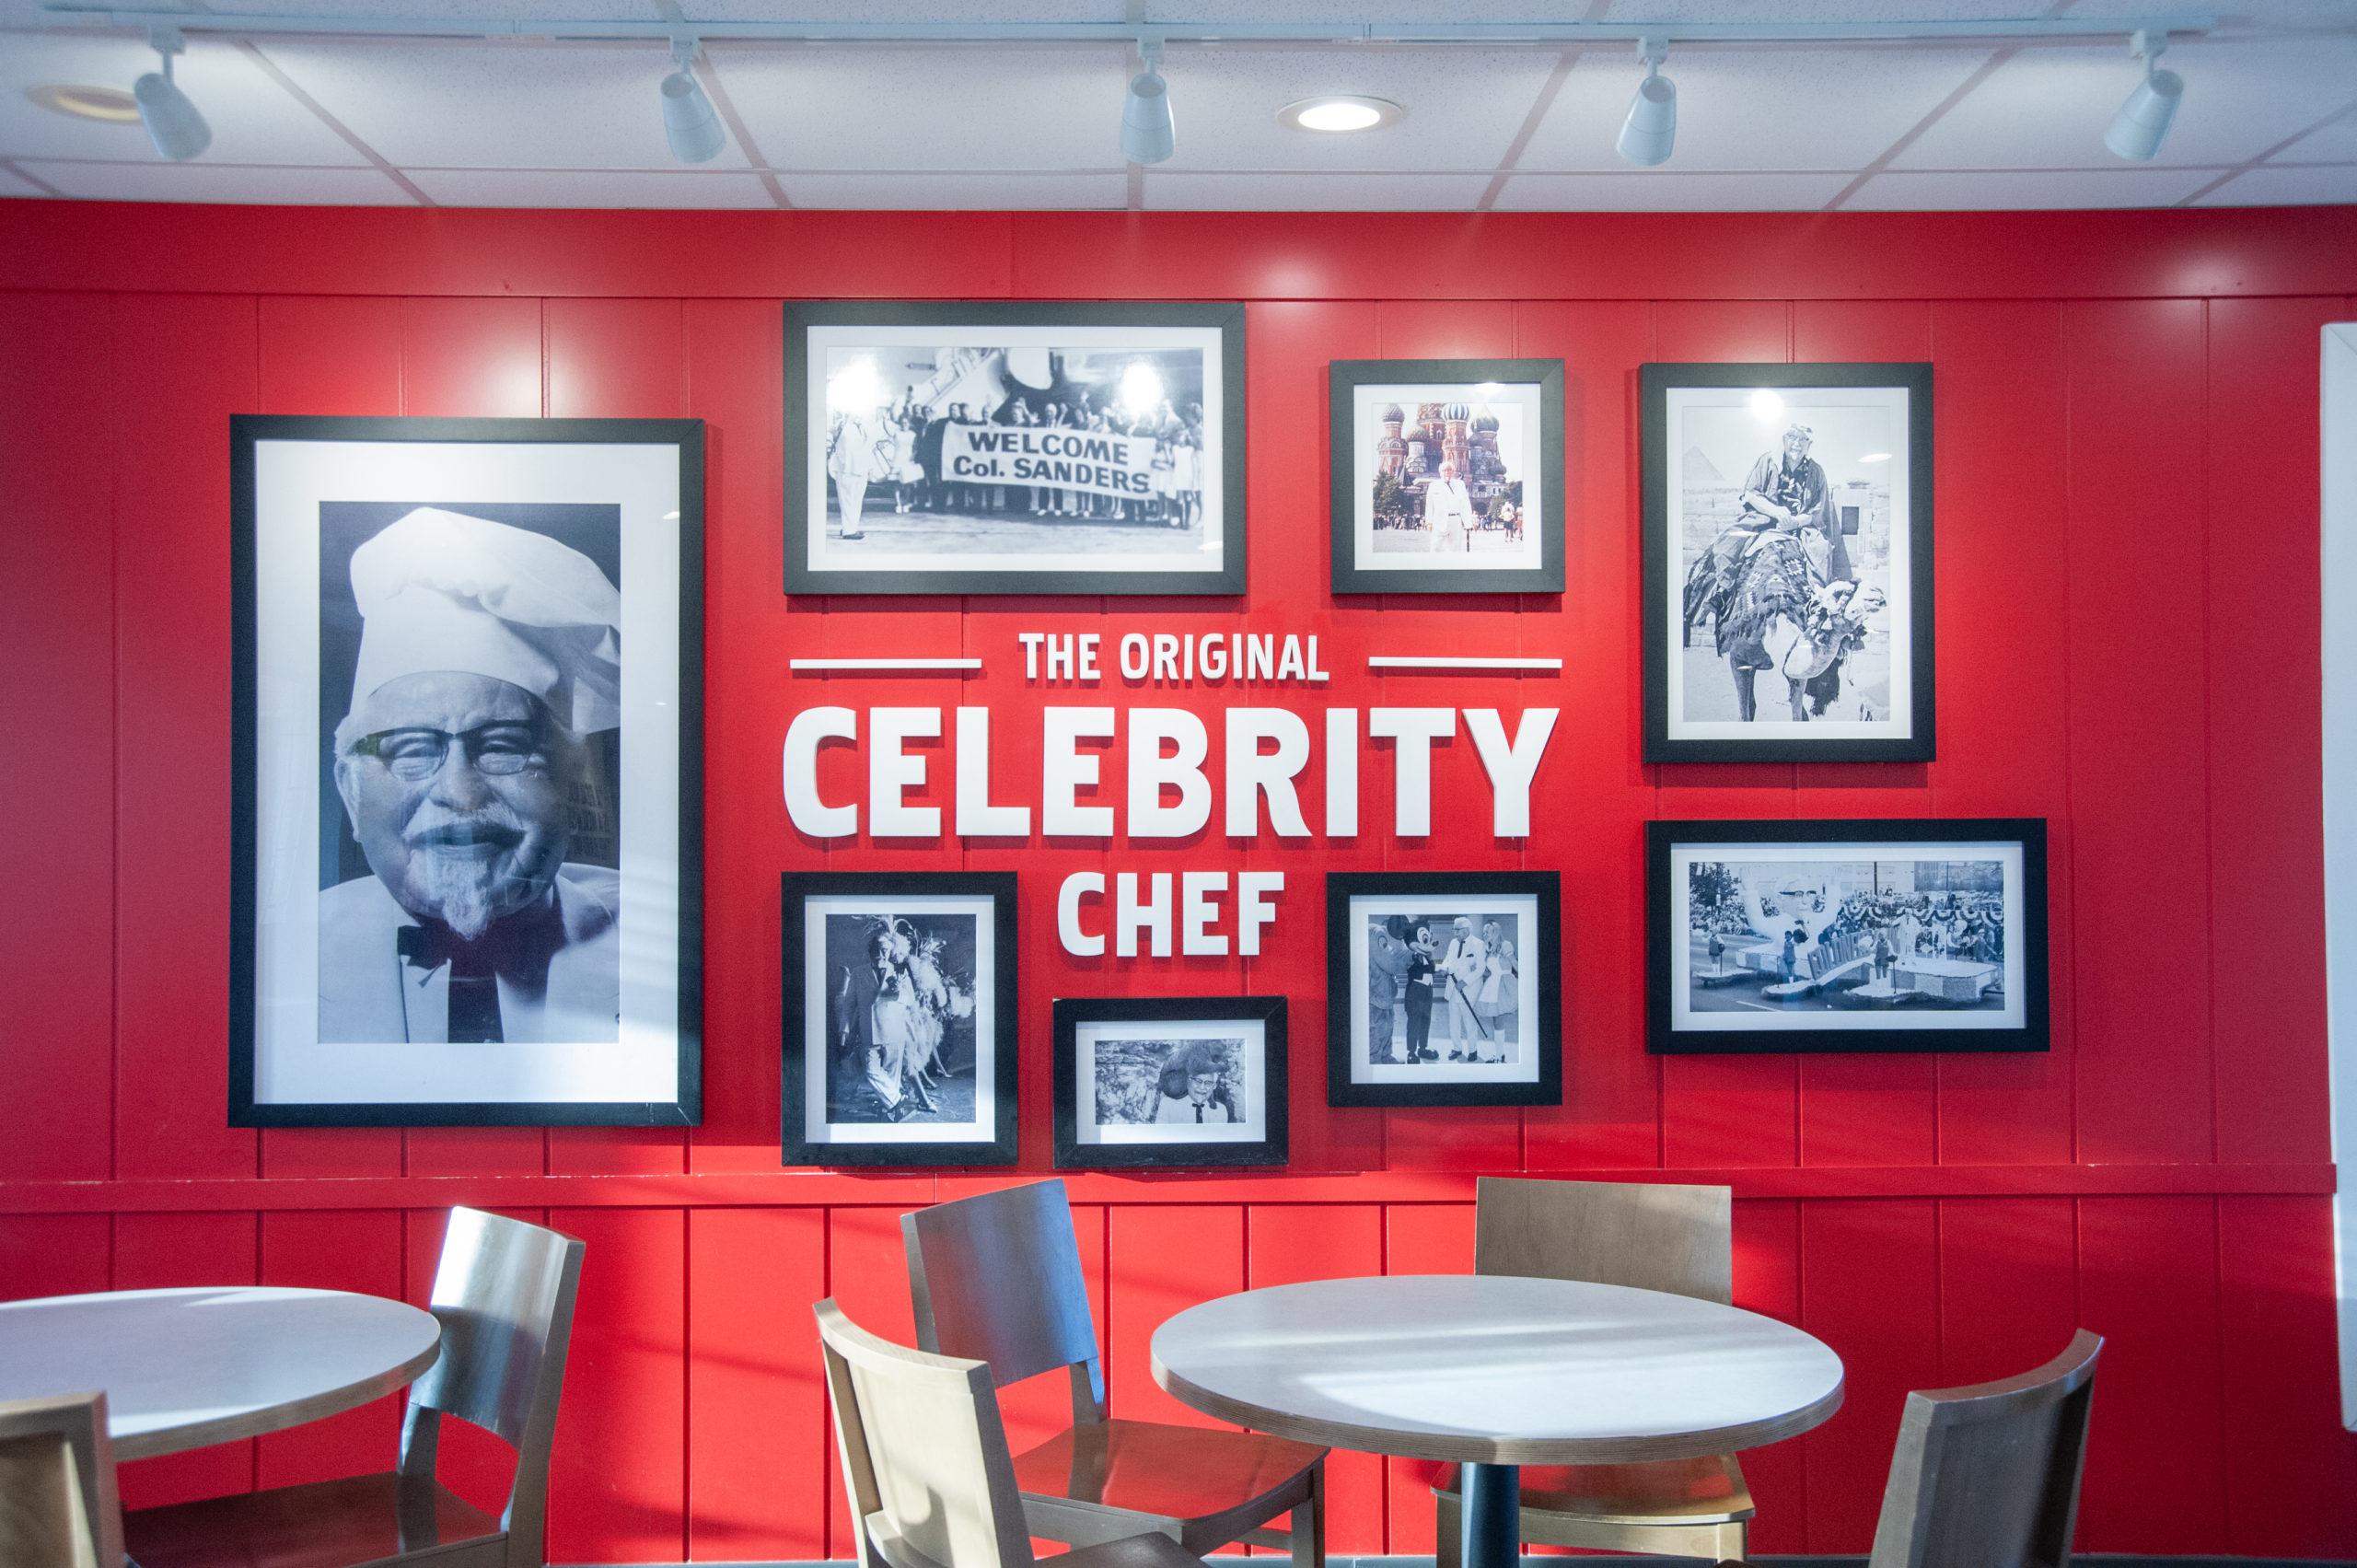 Colonel Sanders Appreciation Wall